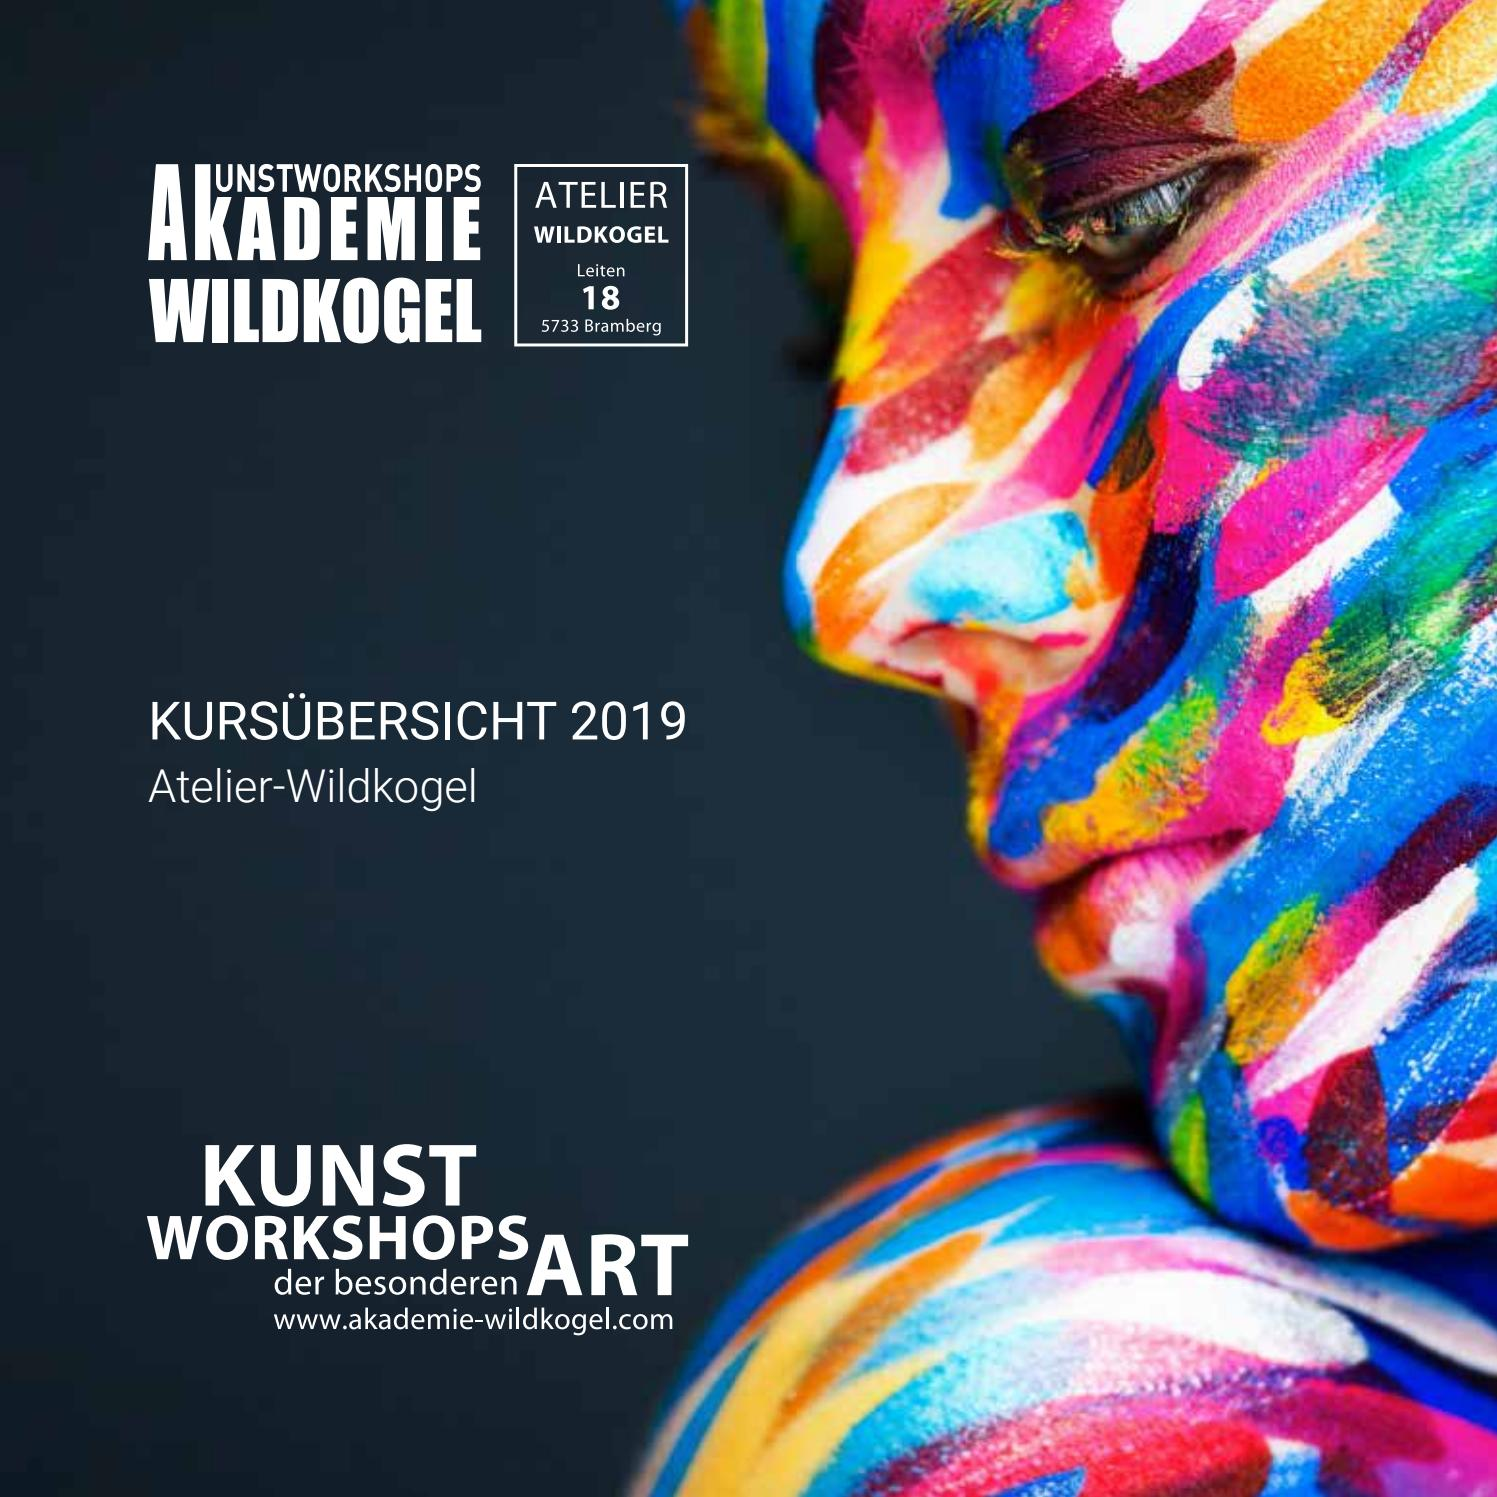 Atelier Wildkogelhaus Katalog 2019 By Akademie Wildkogel Gmbh Issuu